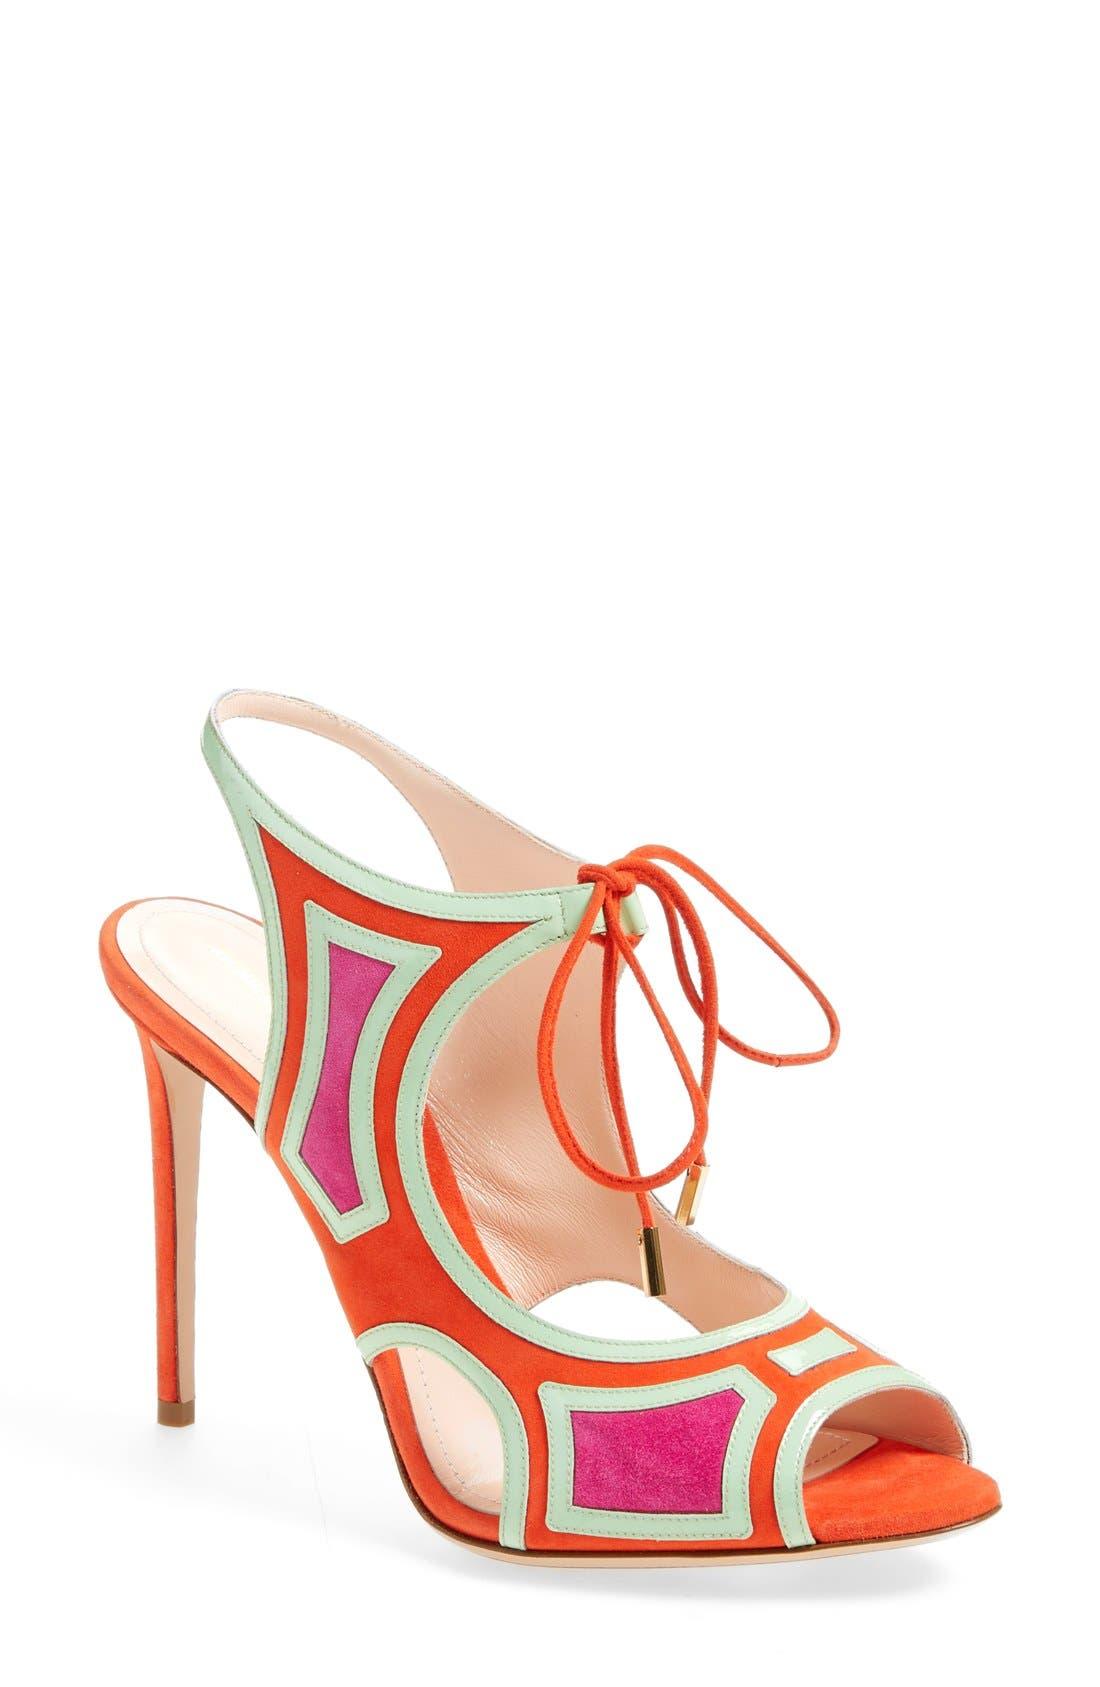 Alternate Image 1 Selected - Nicholas Kirkwood 'Outliner' Lace-Up Sandal (Women)